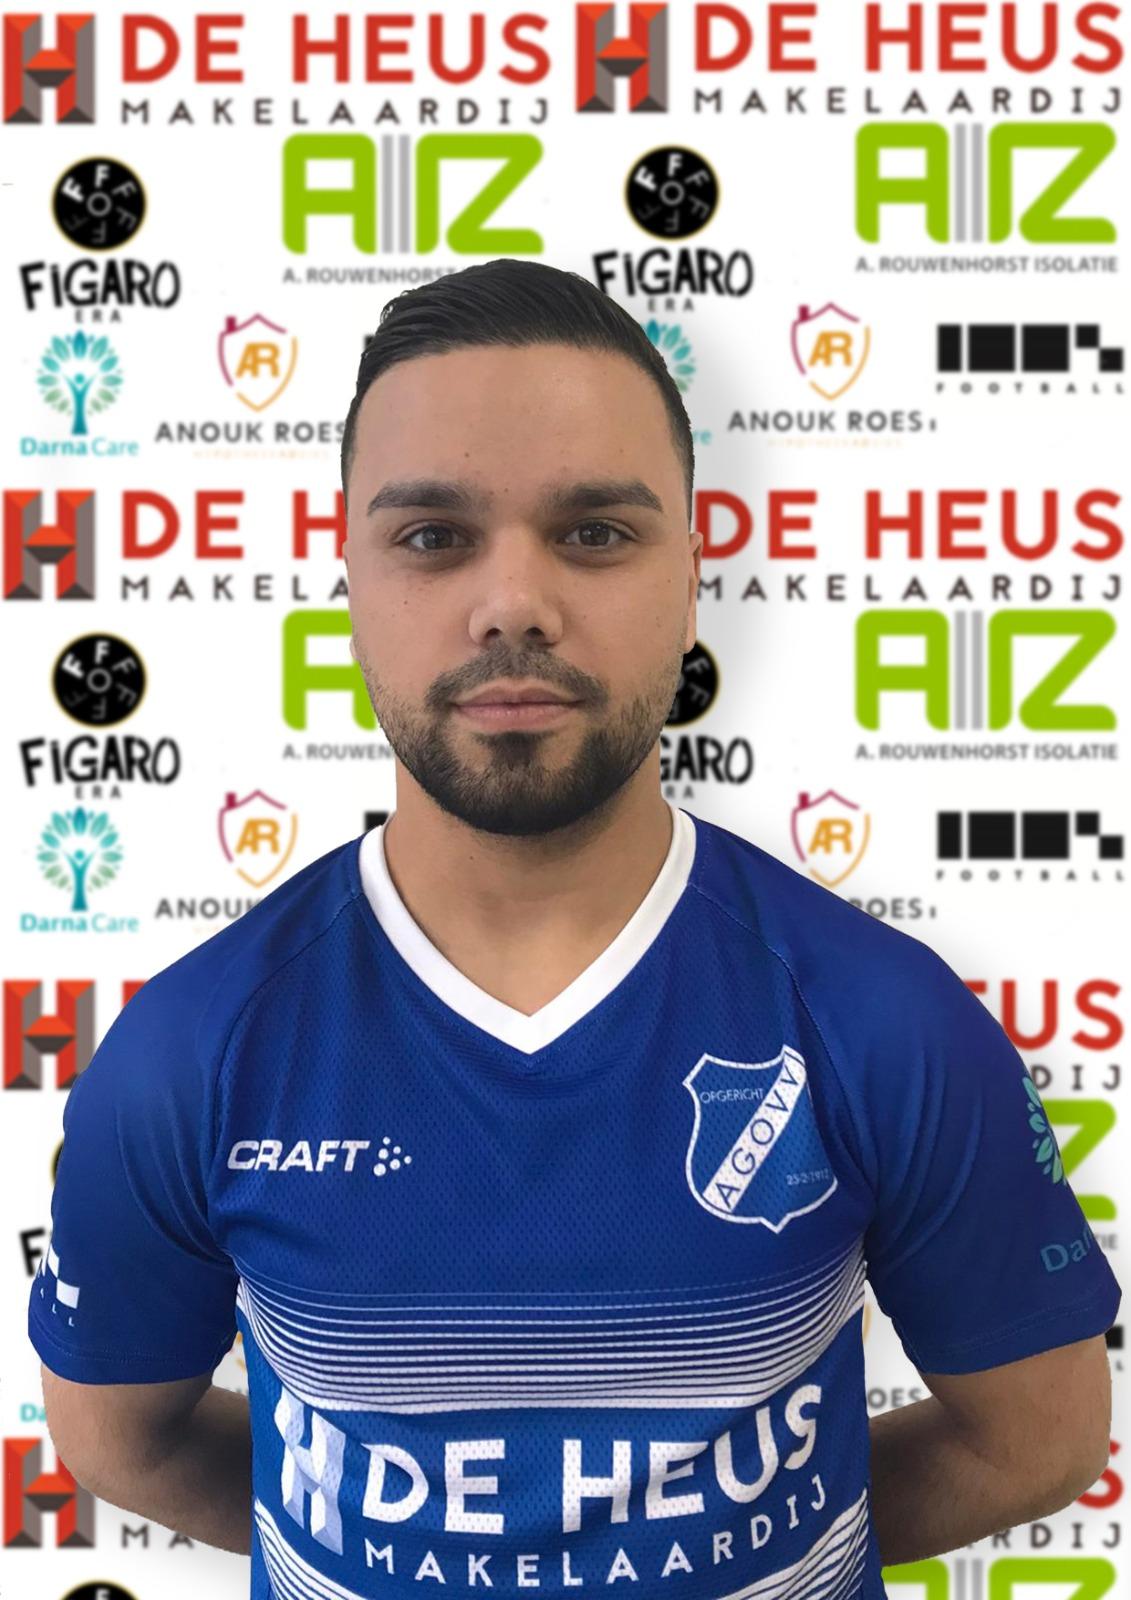 AGOVV-futsal haalt Onur Tekay binnen